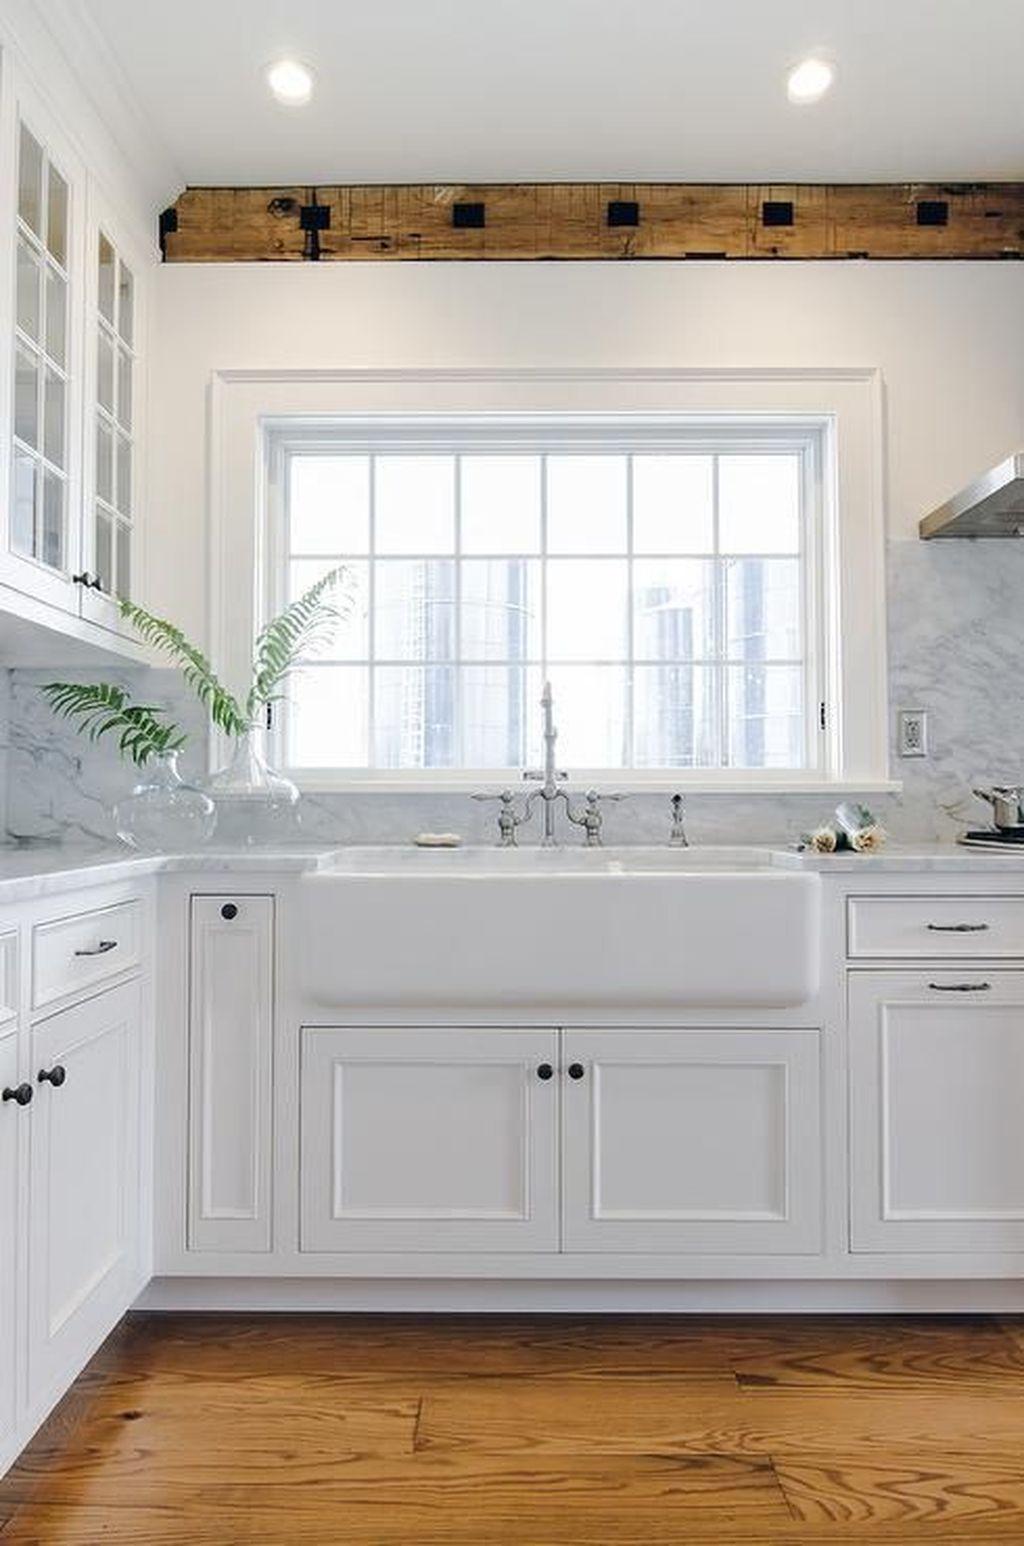 Cheap Home Decor Inspiration Saleprice 45 Farmhouse Sink Kitchen Classic White Kitchen White Farmhouse Sink